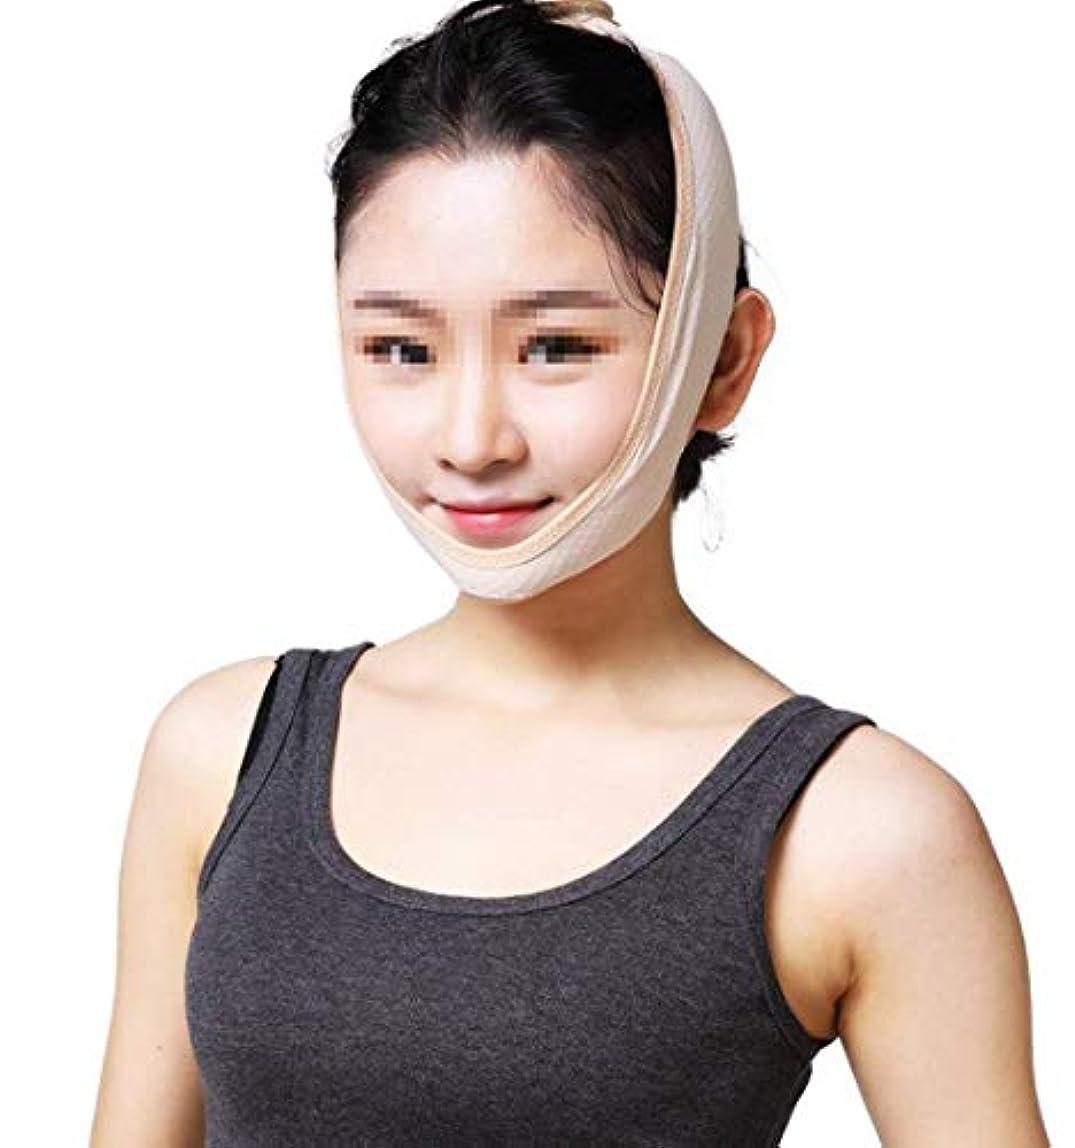 ビル章と顔を持ち上げる包帯、口を開けて眠るのを防ぐための女性の通気性のいびきベルトいびきアーティファクトアンチあごの脱臼の修正包帯のいびき装置